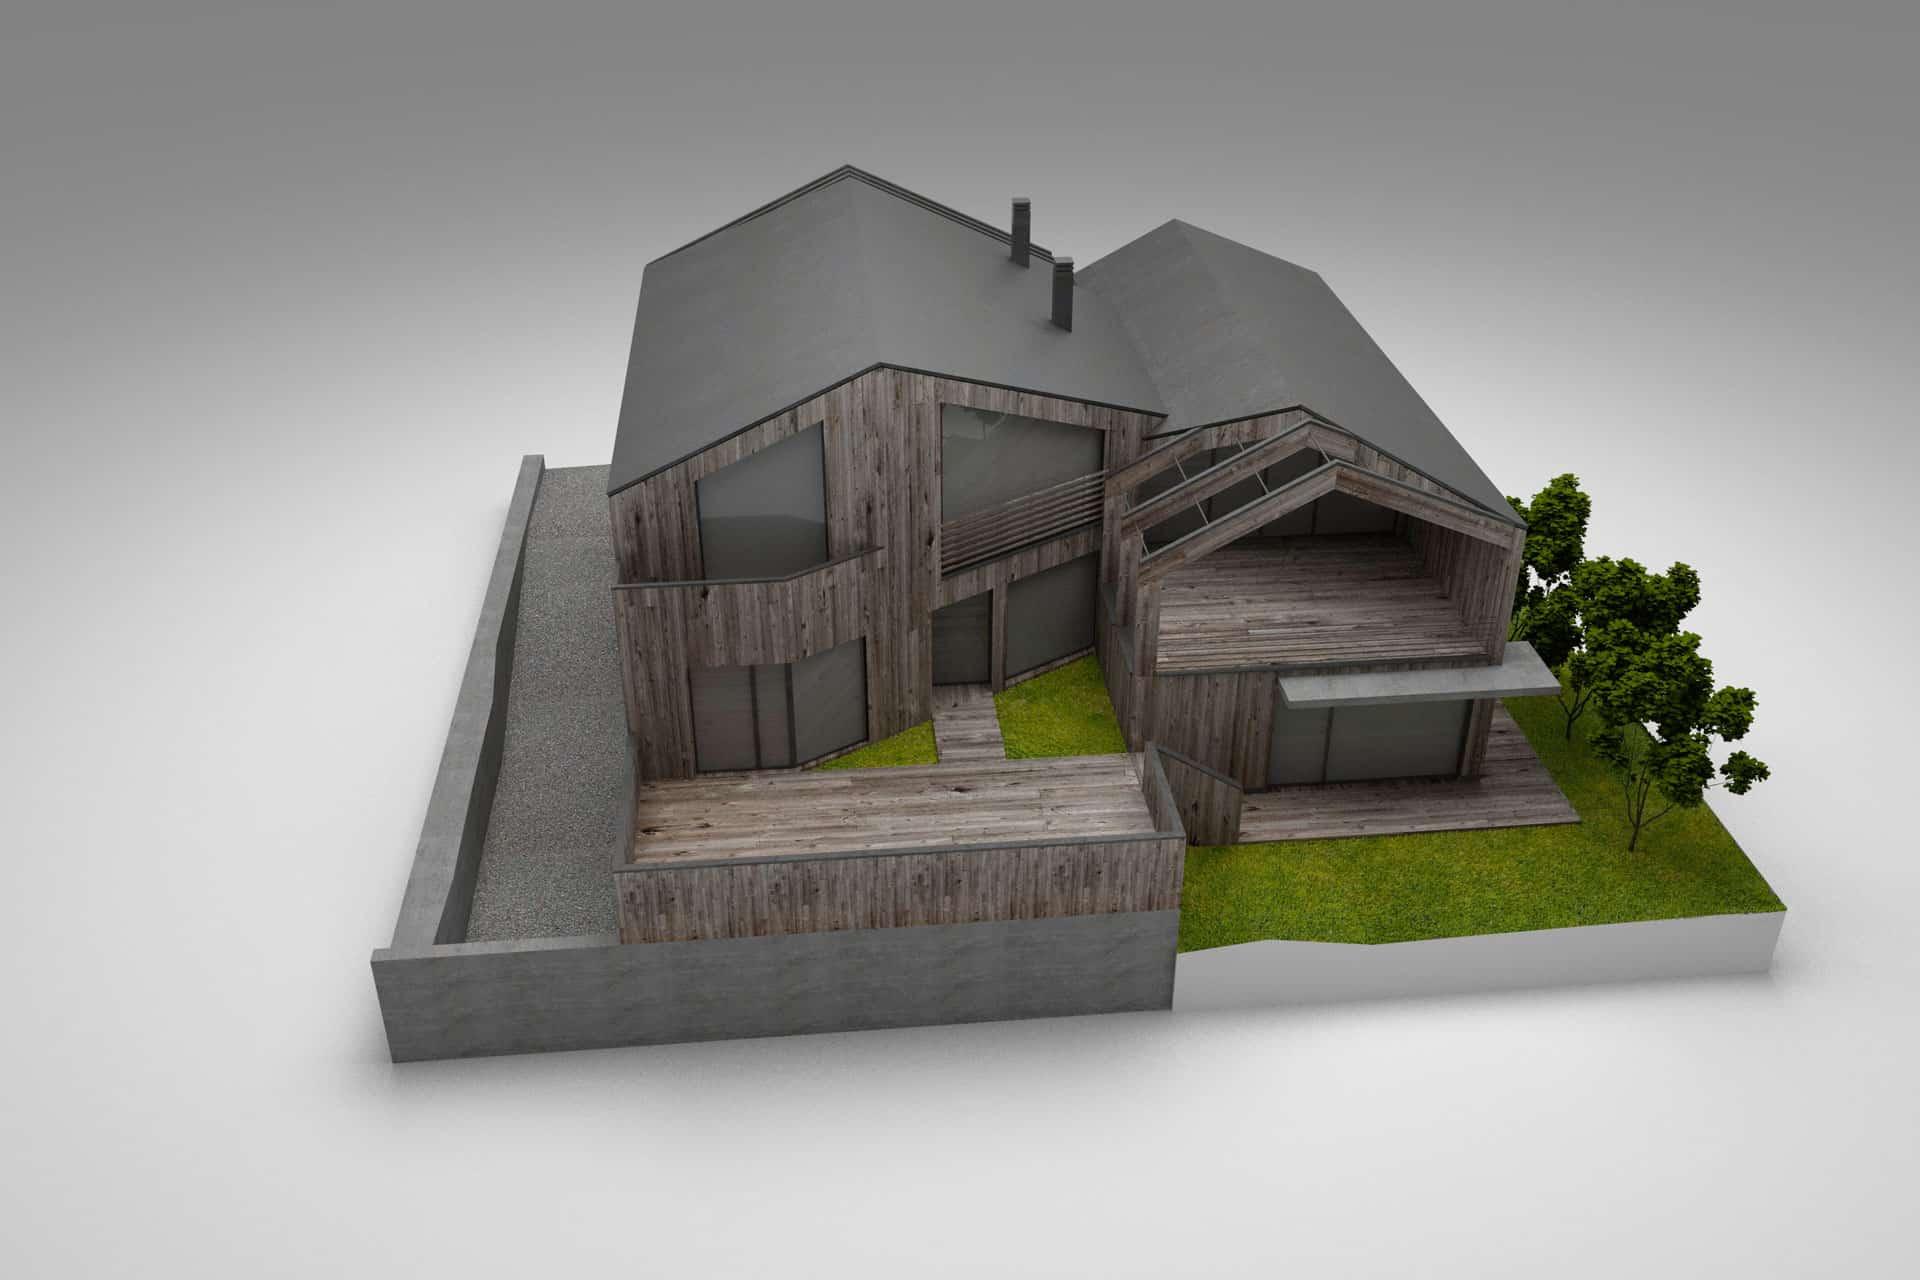 3d-Visualisierung Haus Dorf, Neu ab Sommer 2018